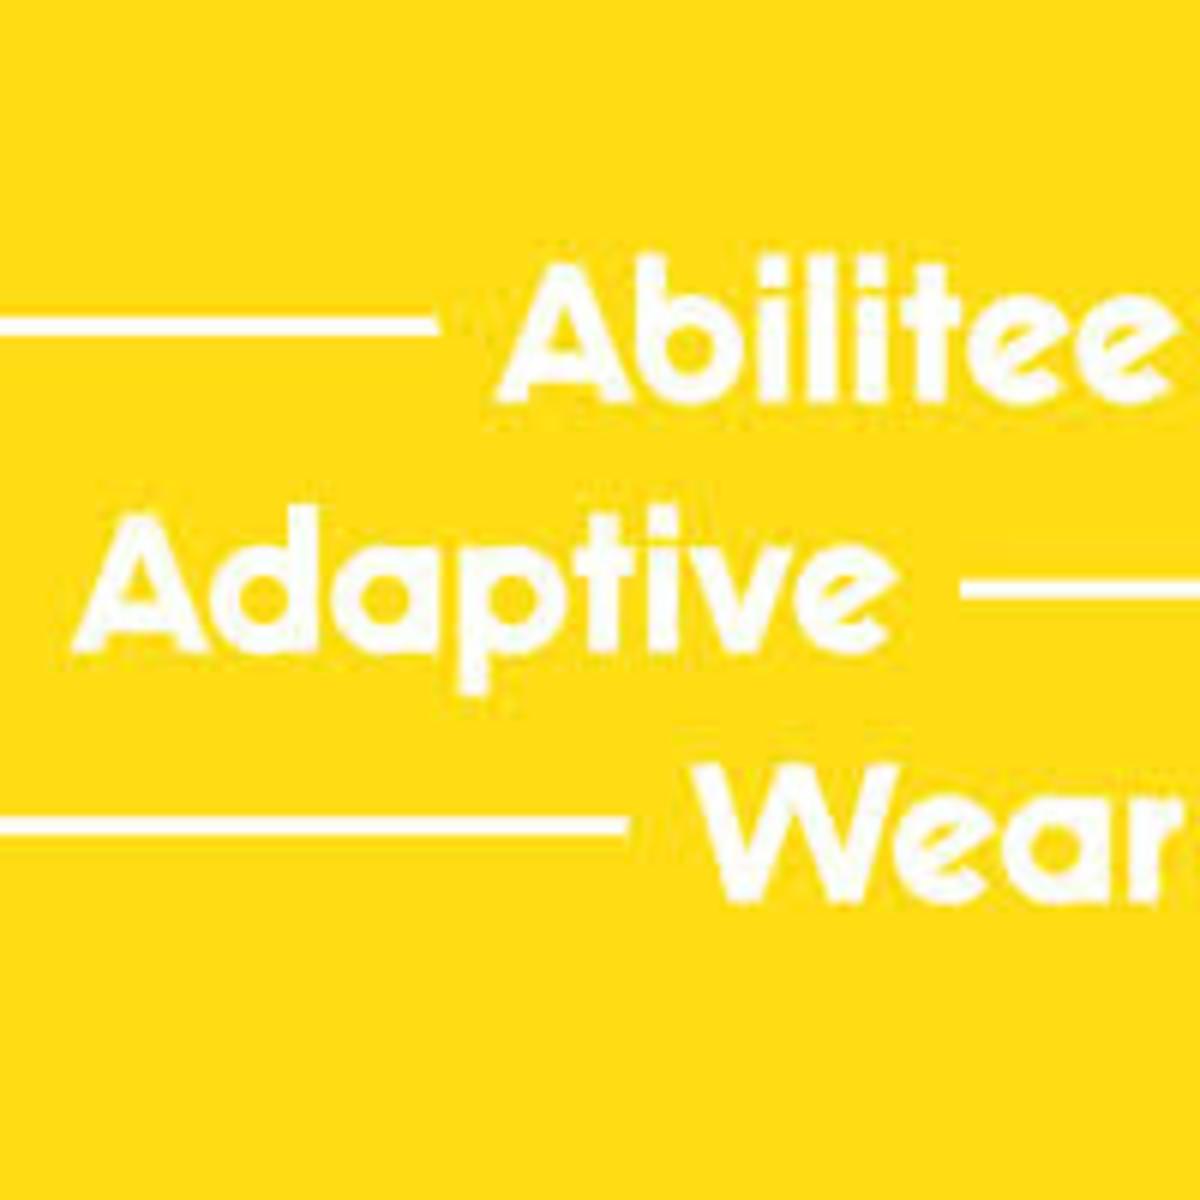 Abilitee logo 2